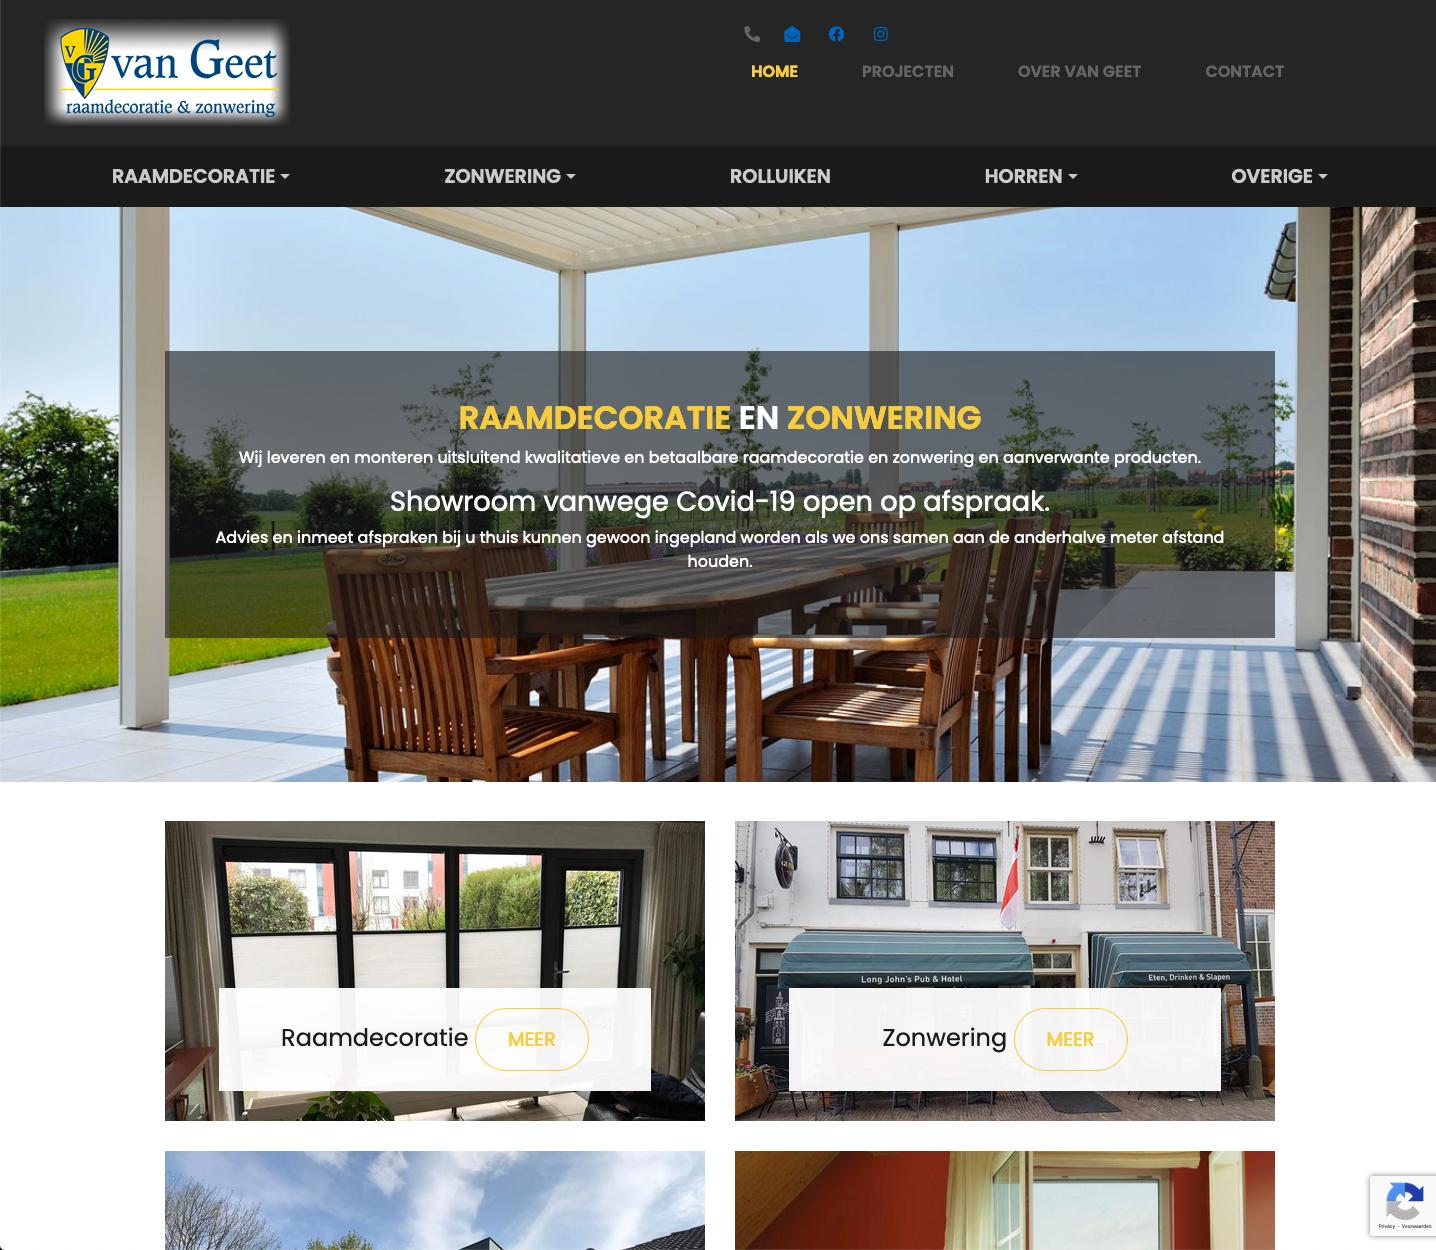 Van Geet zonwering & raamdecoratie